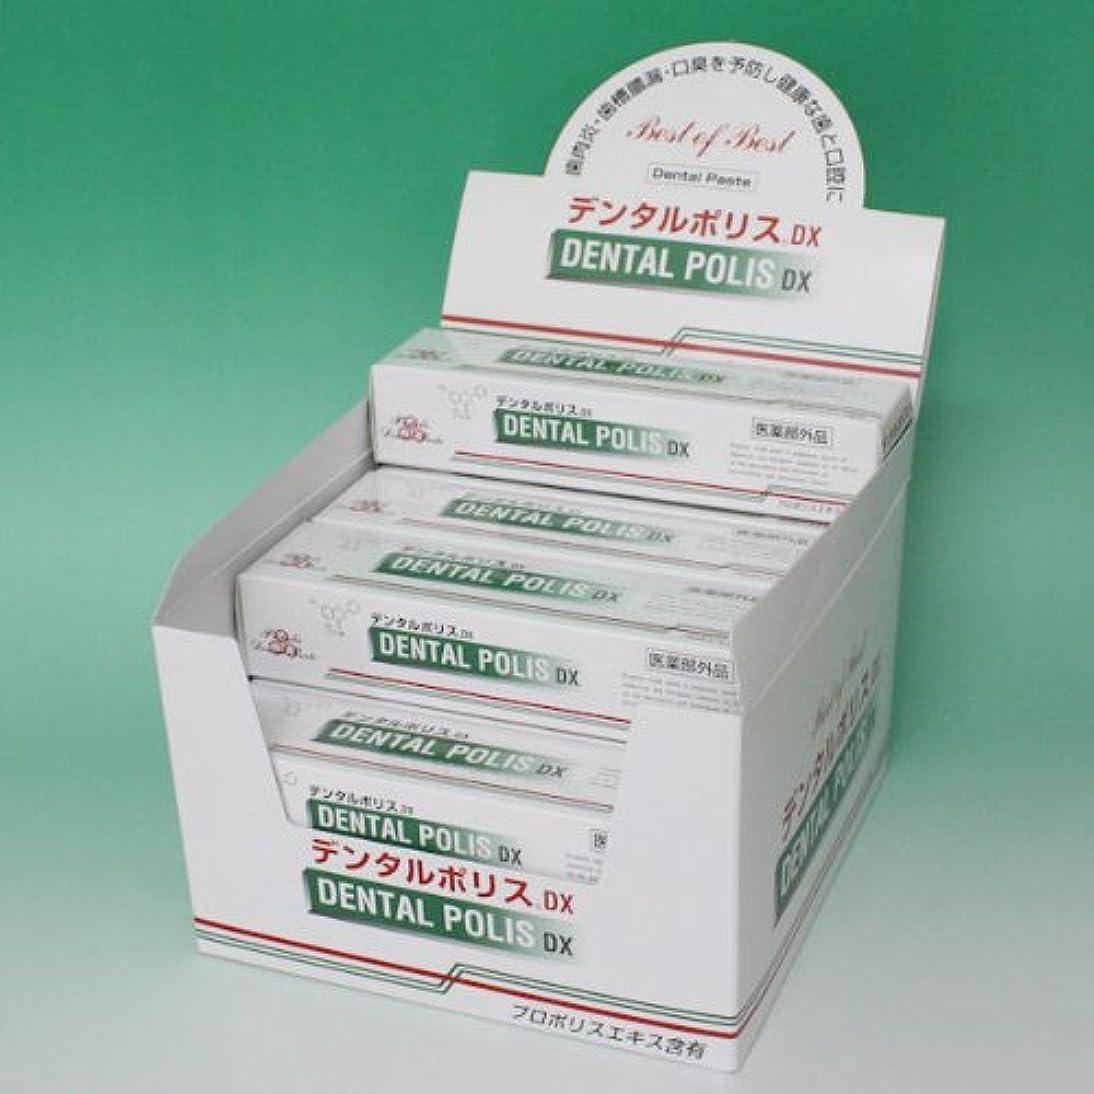 減るエスカレート正確にデンタルポリスDX 80g  12本セット 医薬部外品  歯みがき 8gサンプル2本 進呈!